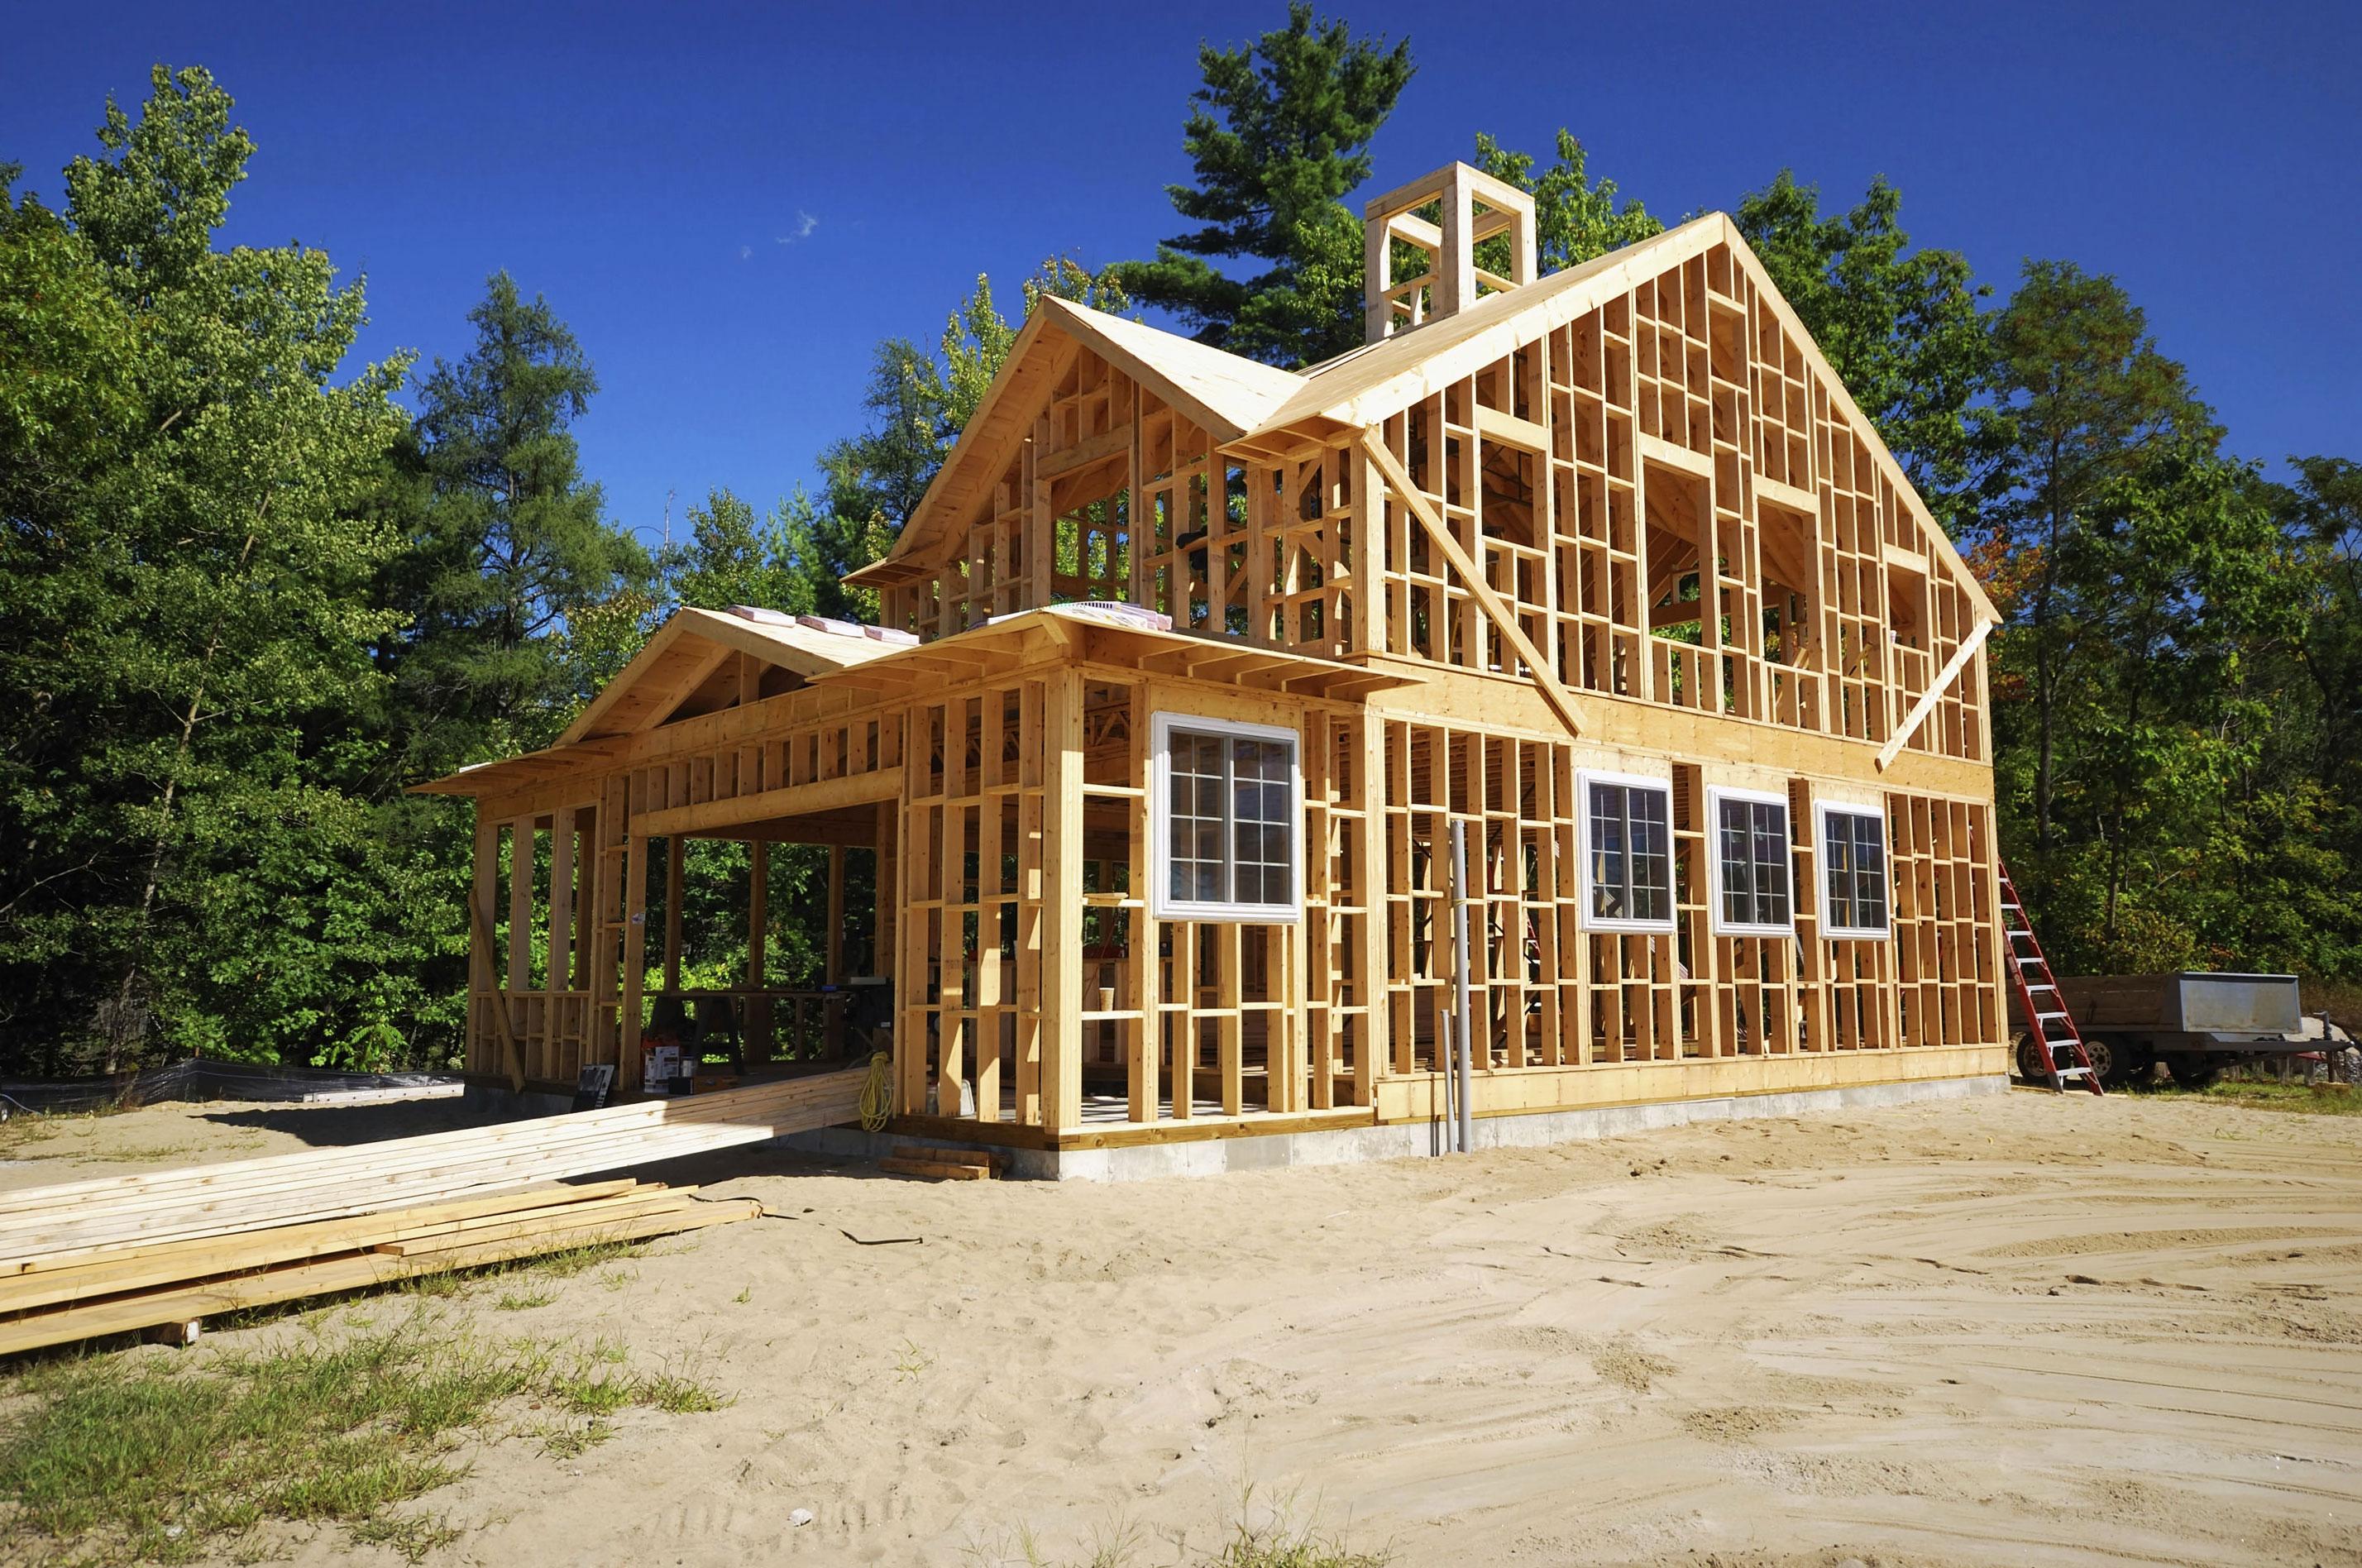 Какой дом построить дешевле в нынешних экономических условиях?